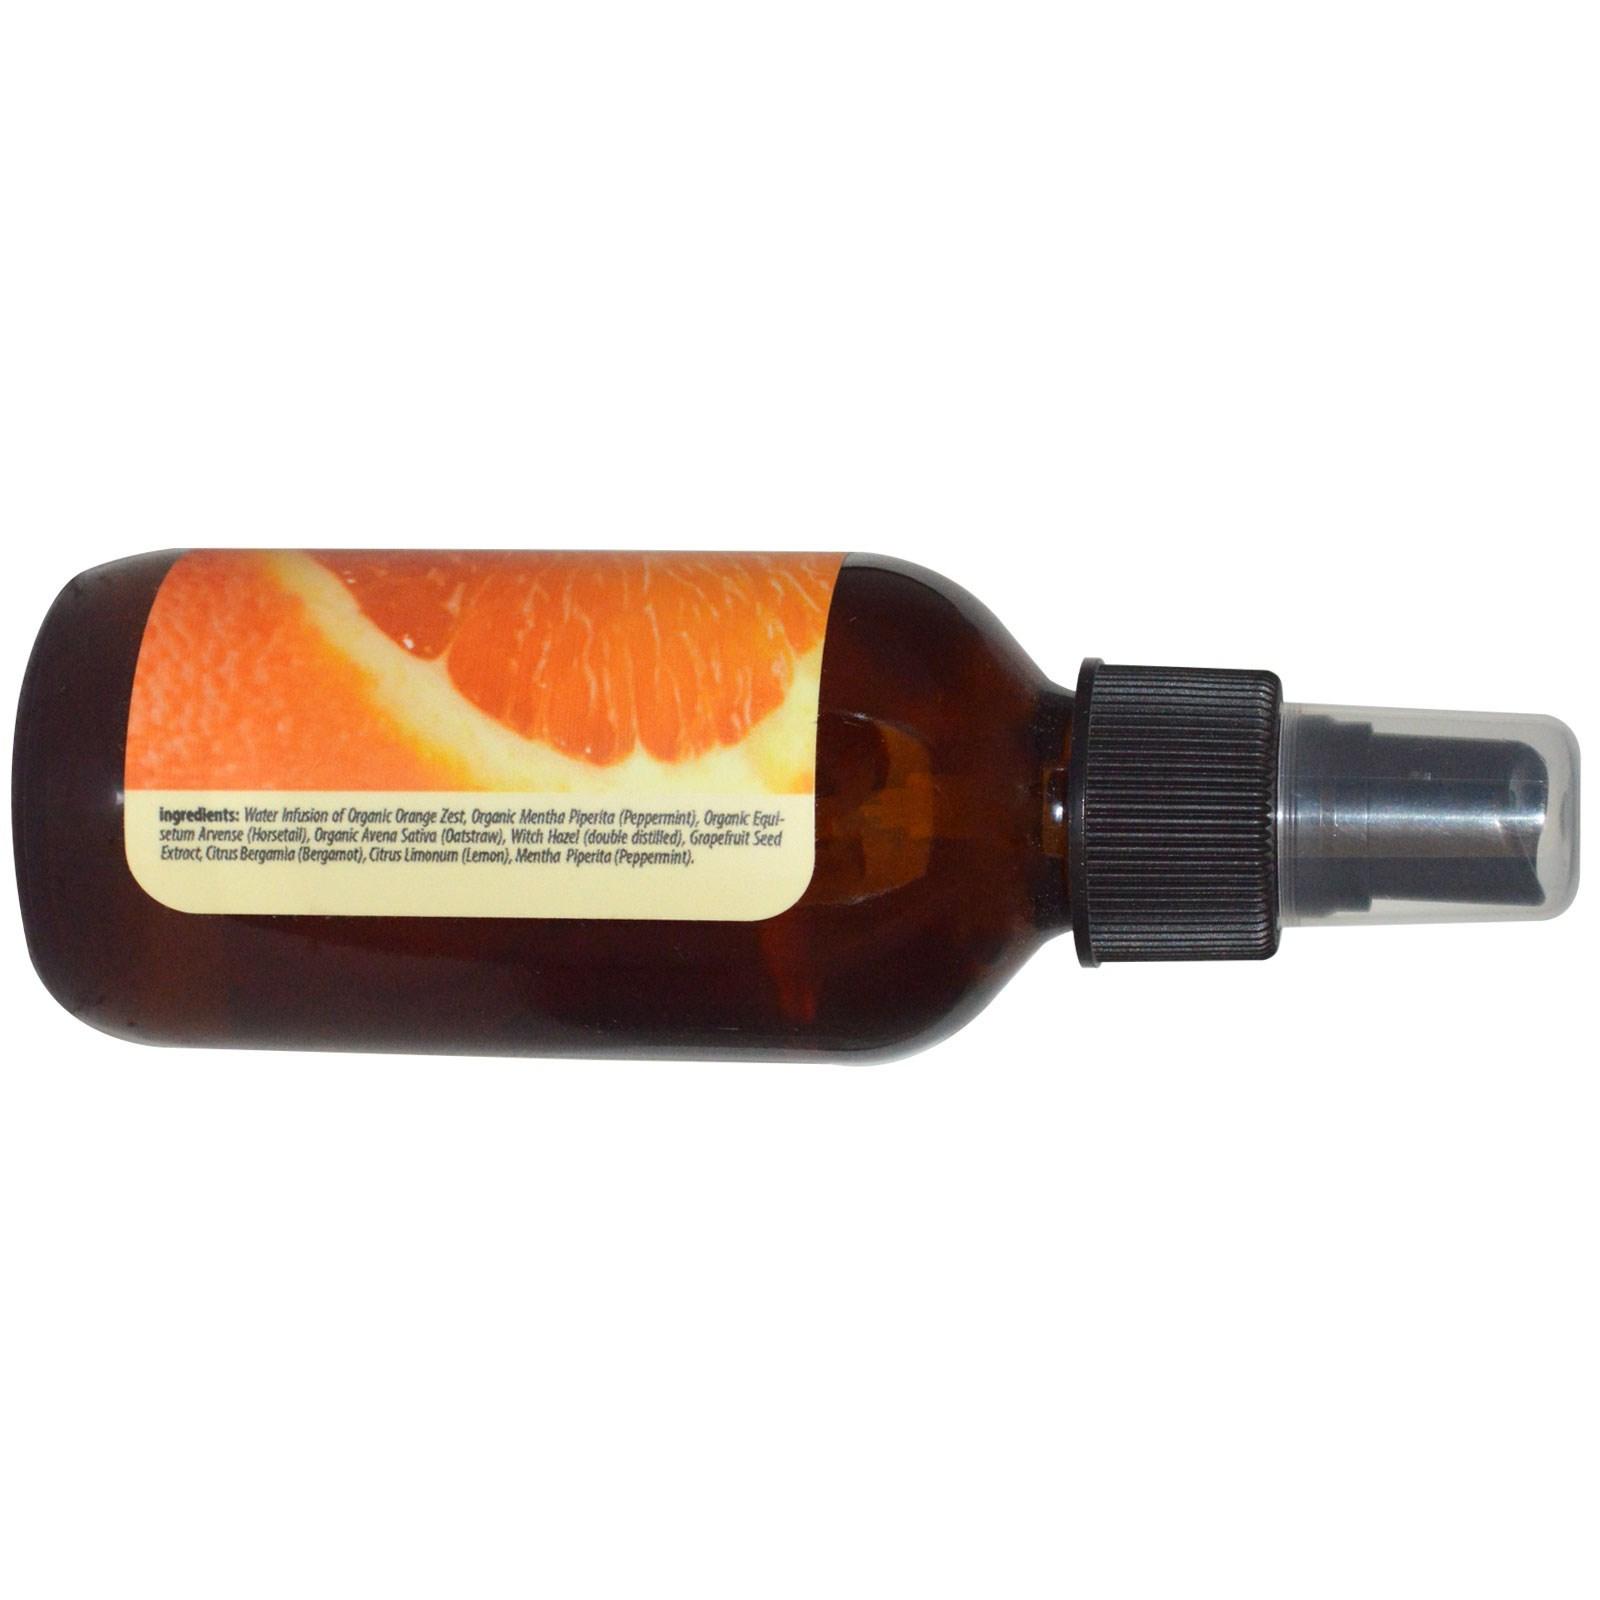 Http List Item O Hui Korean Cosmetics The Golden Mizon Skin Power Original First Essence 210ml 569057364 00g 0 W St G